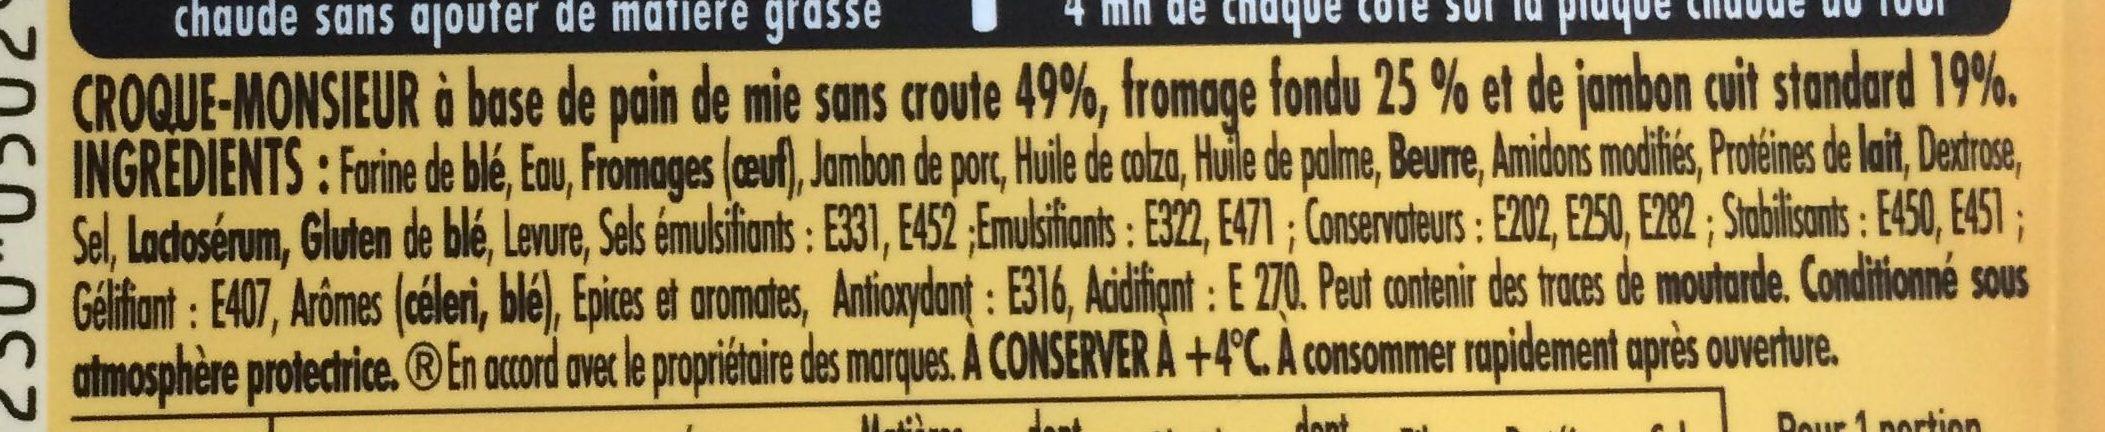 Tendre croque jambon fromage pain de mie sans croûte - Ingrédients - fr